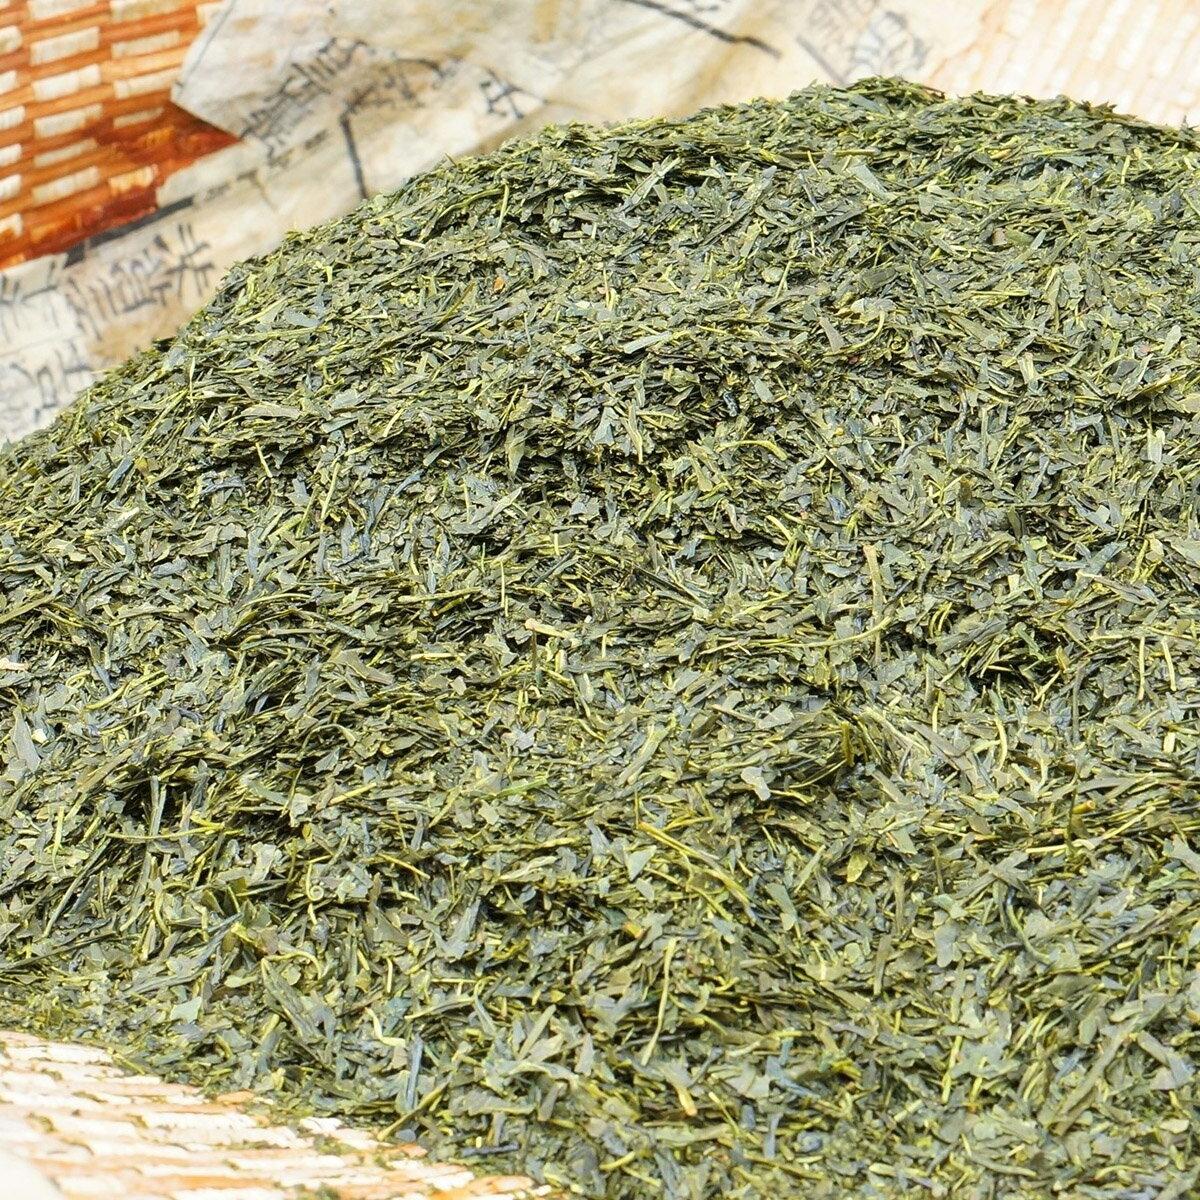 【ふるさと納税】BM01_匠の技 「さしま茶」産地元詰2kg(500g×4本)